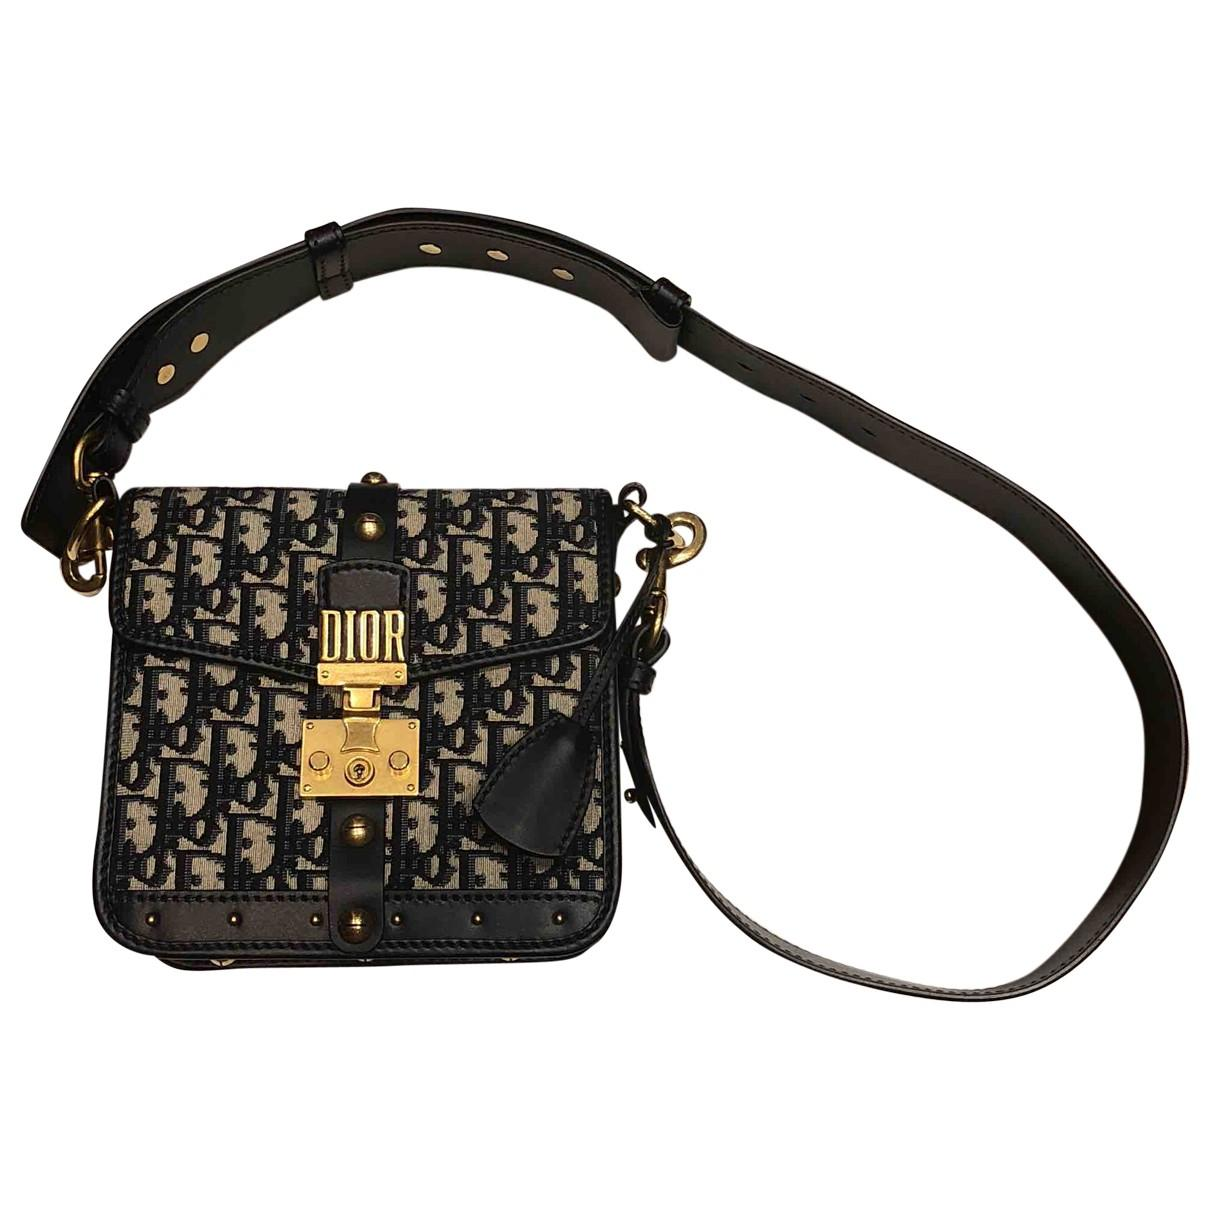 8014ec00969d Lyst dior pre owned addict cloth crossbody bag in blue jpg 1210x1210 Dior  cross body bag